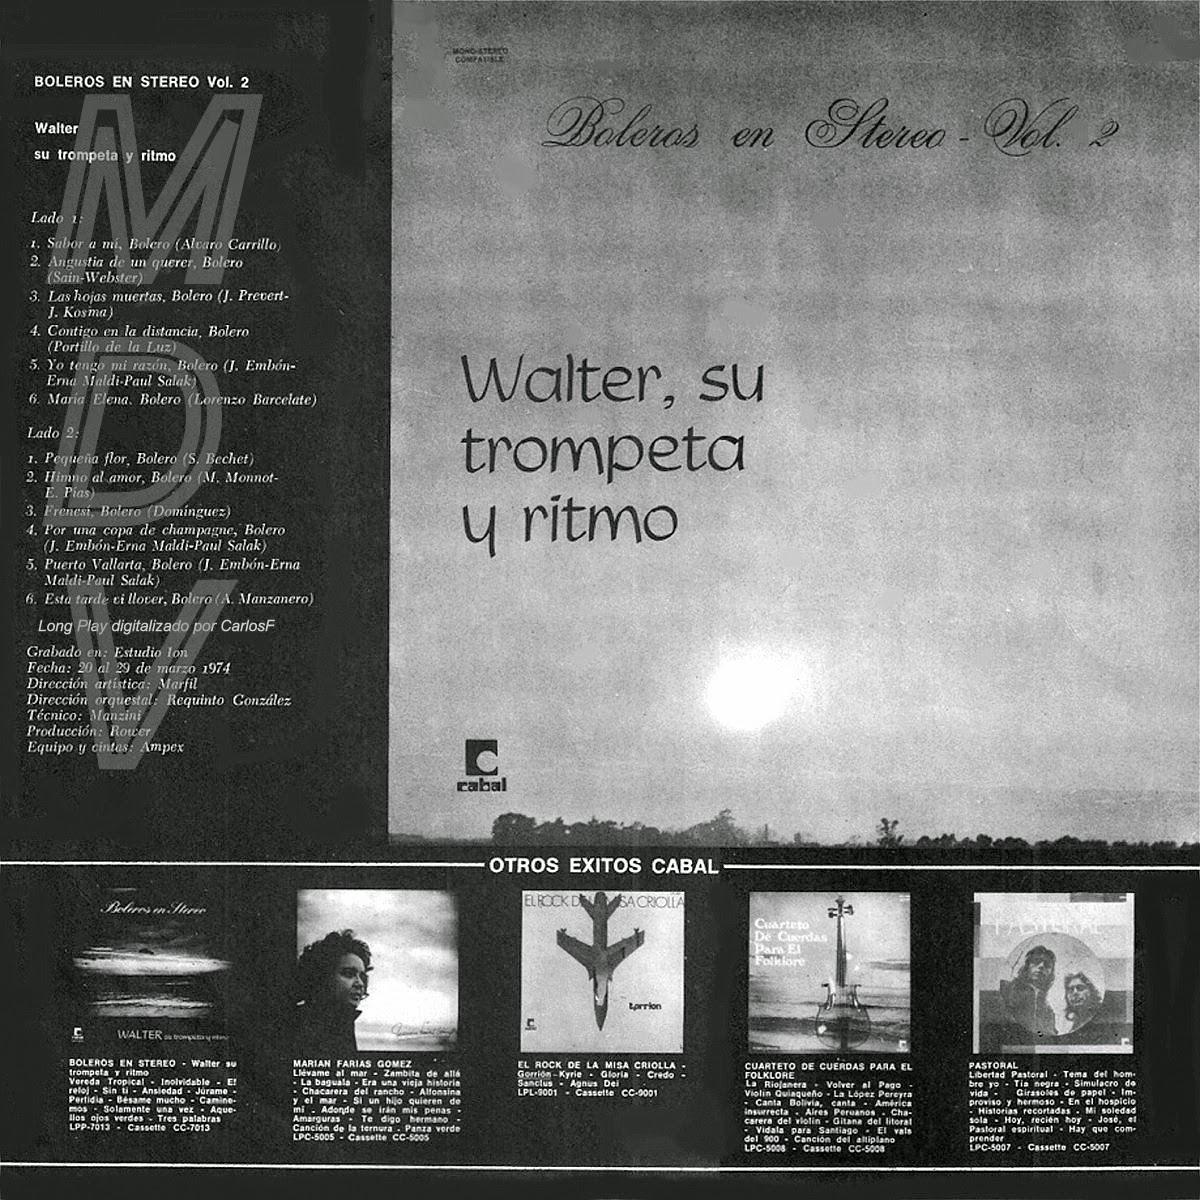 WALTER, SU TROMPETA Y RITMO